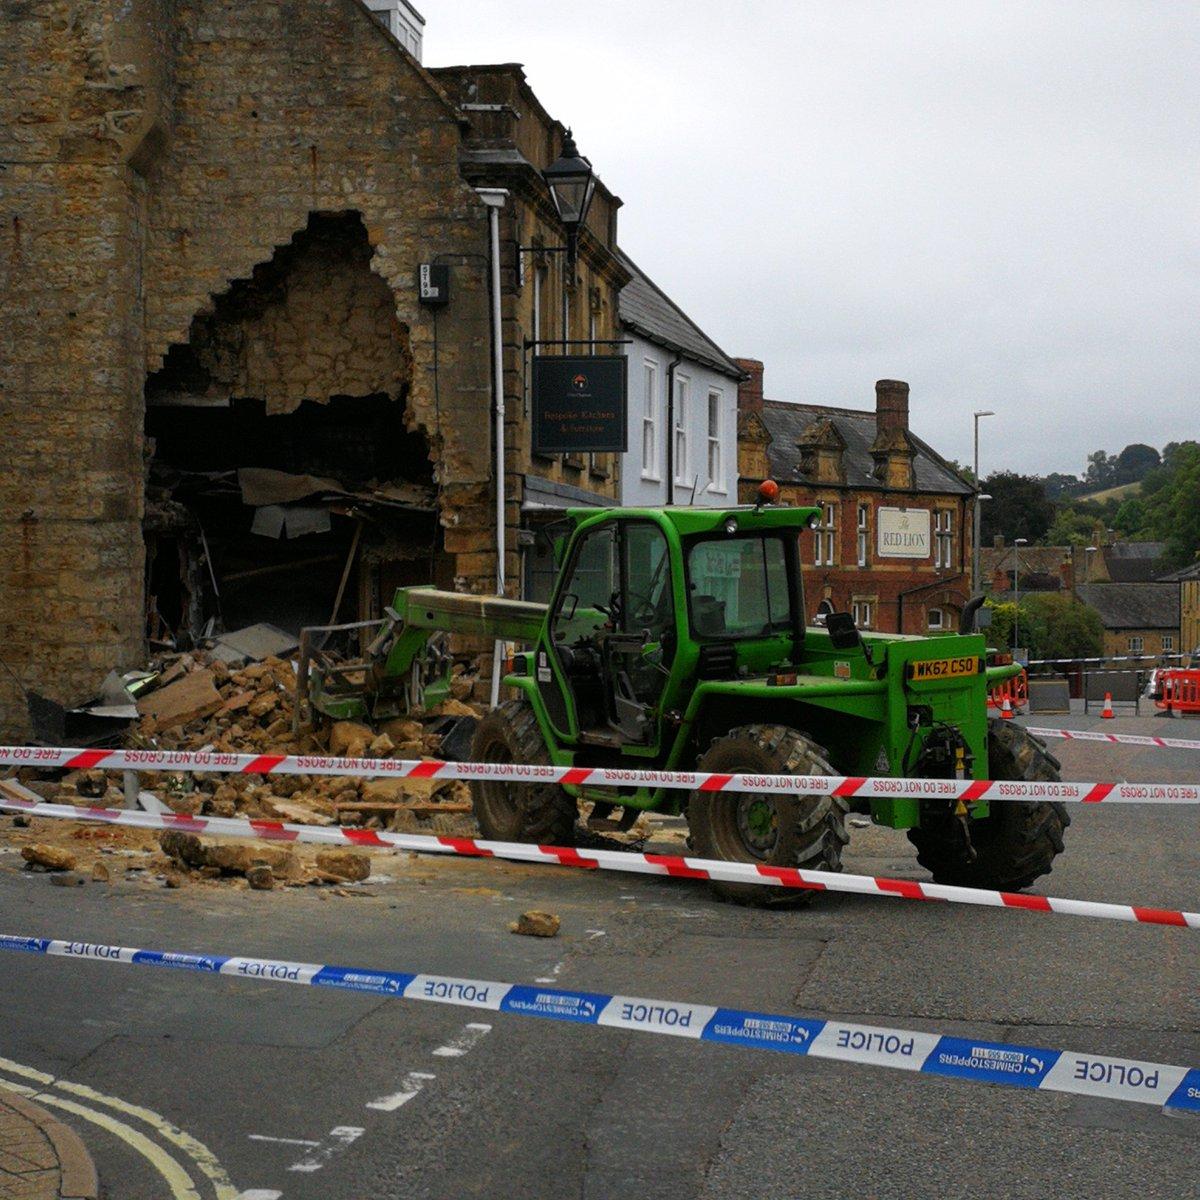 Traktorral bontották le egy régi ház falát, hogy megszerezzék a bankautomatát